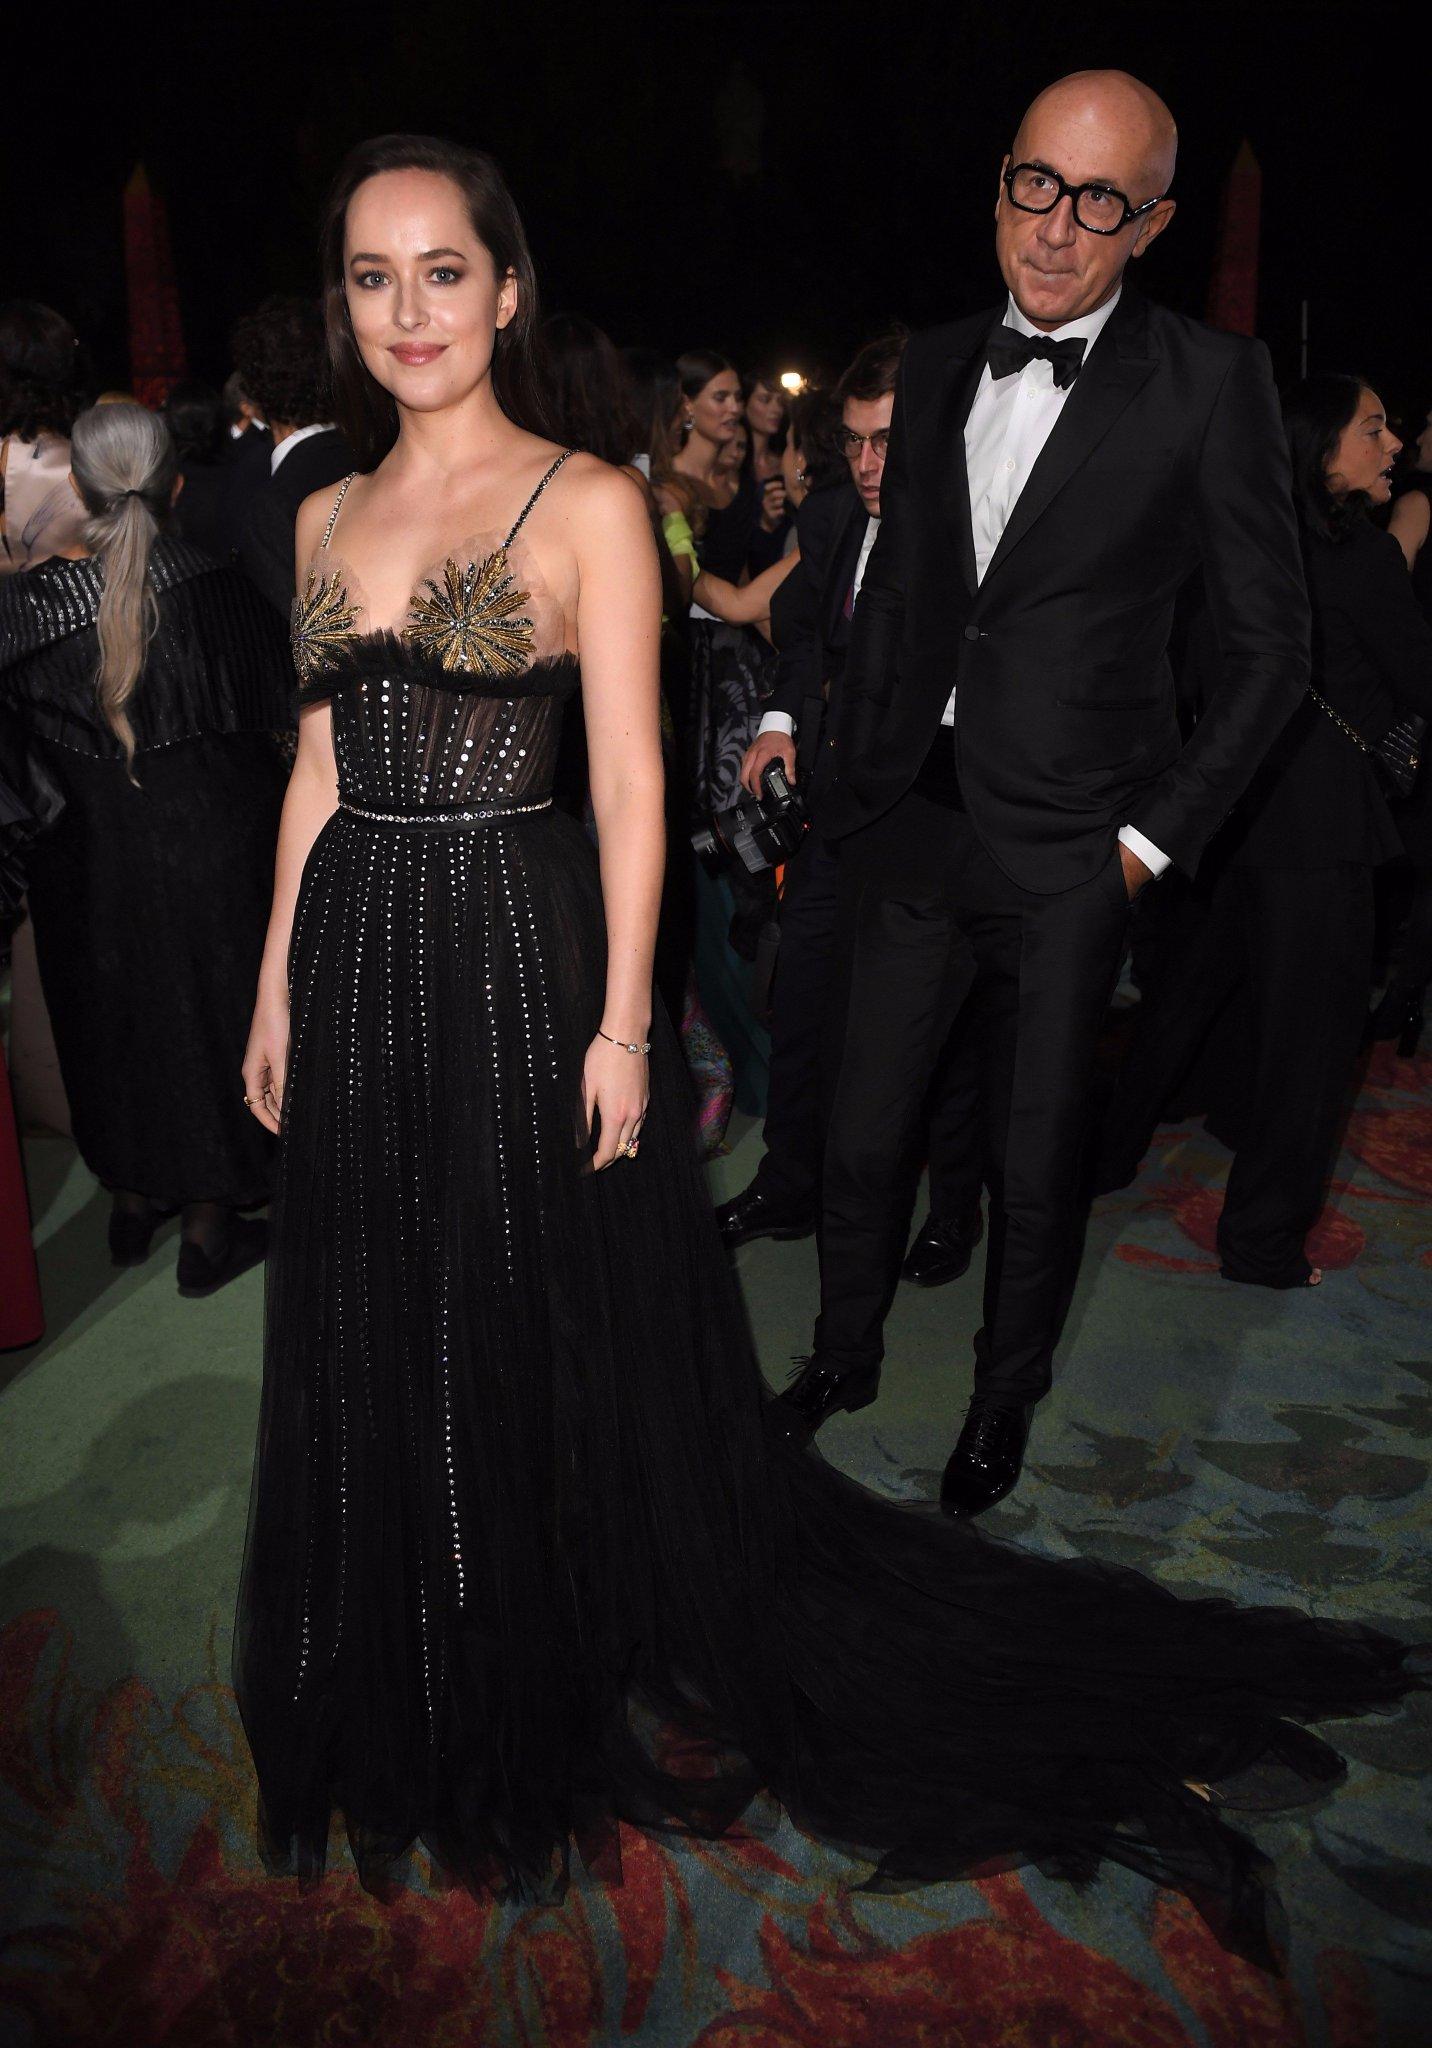 HQ Pictures of Dakota arriving at the Green Carpet Fashion Awards �� #DakotaJohnson https://t.co/VbFklRJuw8 https://t.co/c3JXSJJqet